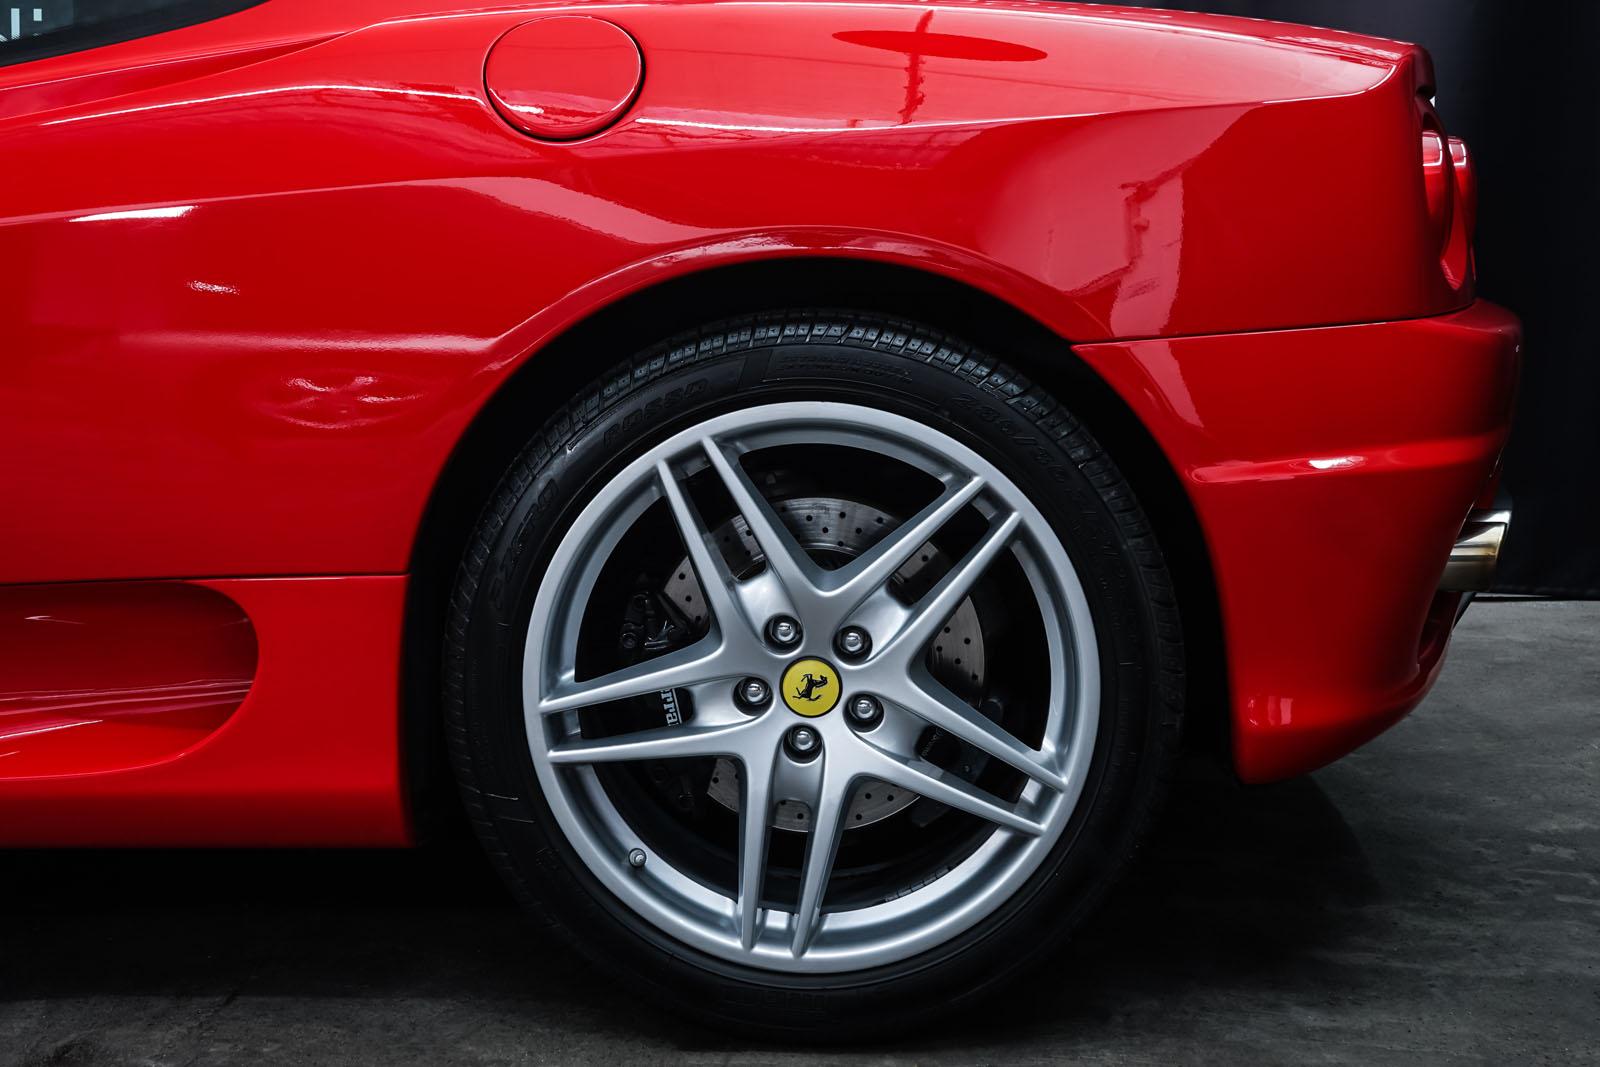 Ferrari_360_Modena_Rot_Schwarz_FER-4576_4_w